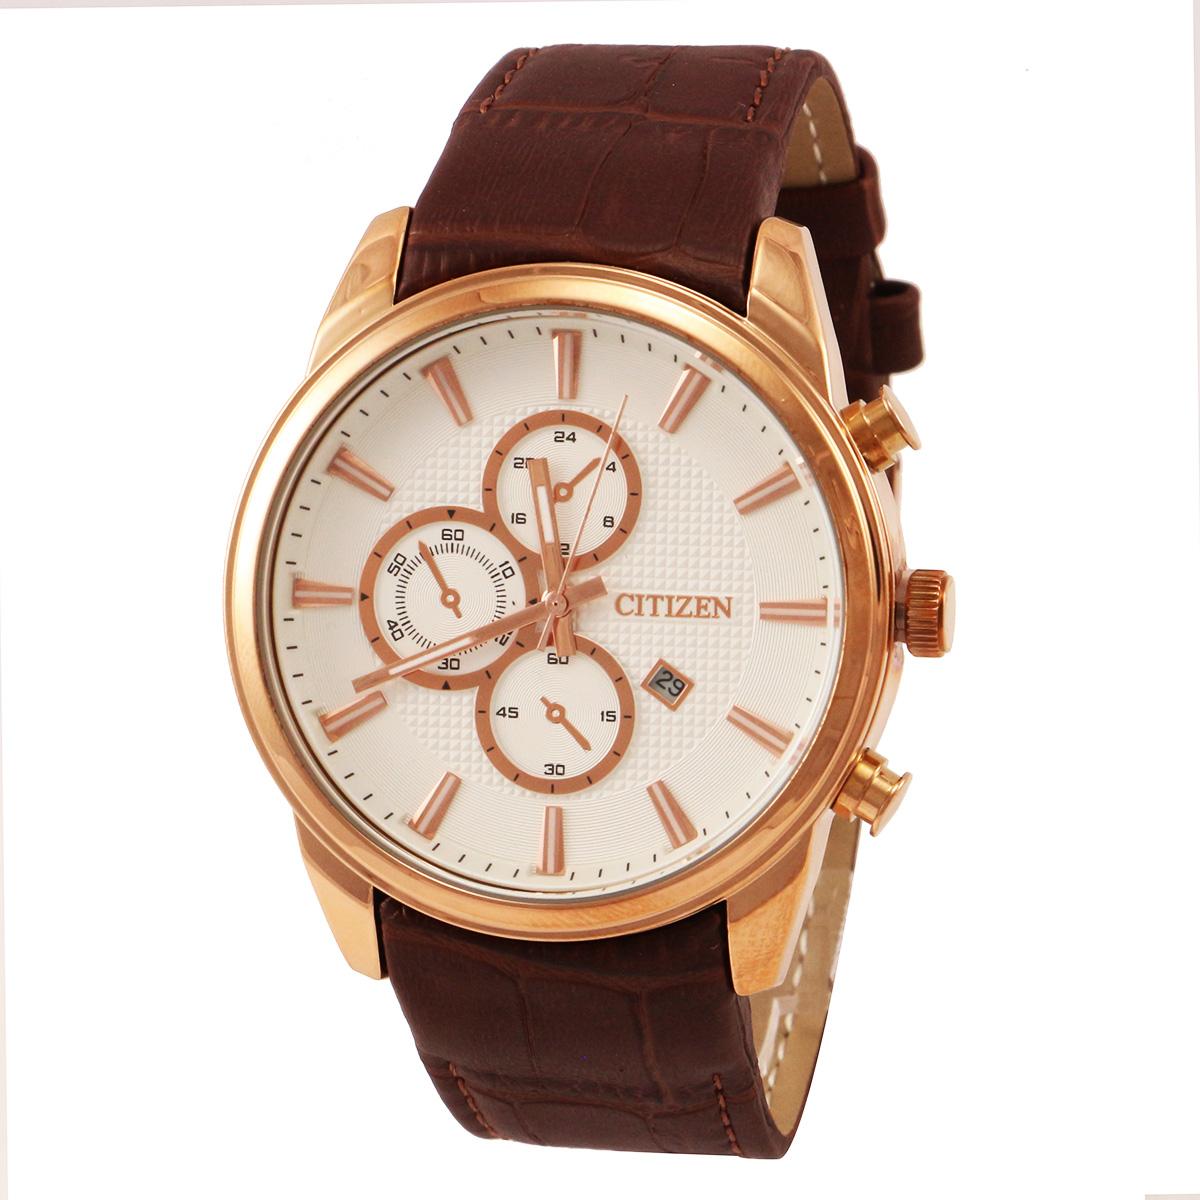 ساعت مچی عقربهای مردانه مدل ct 0040 lg